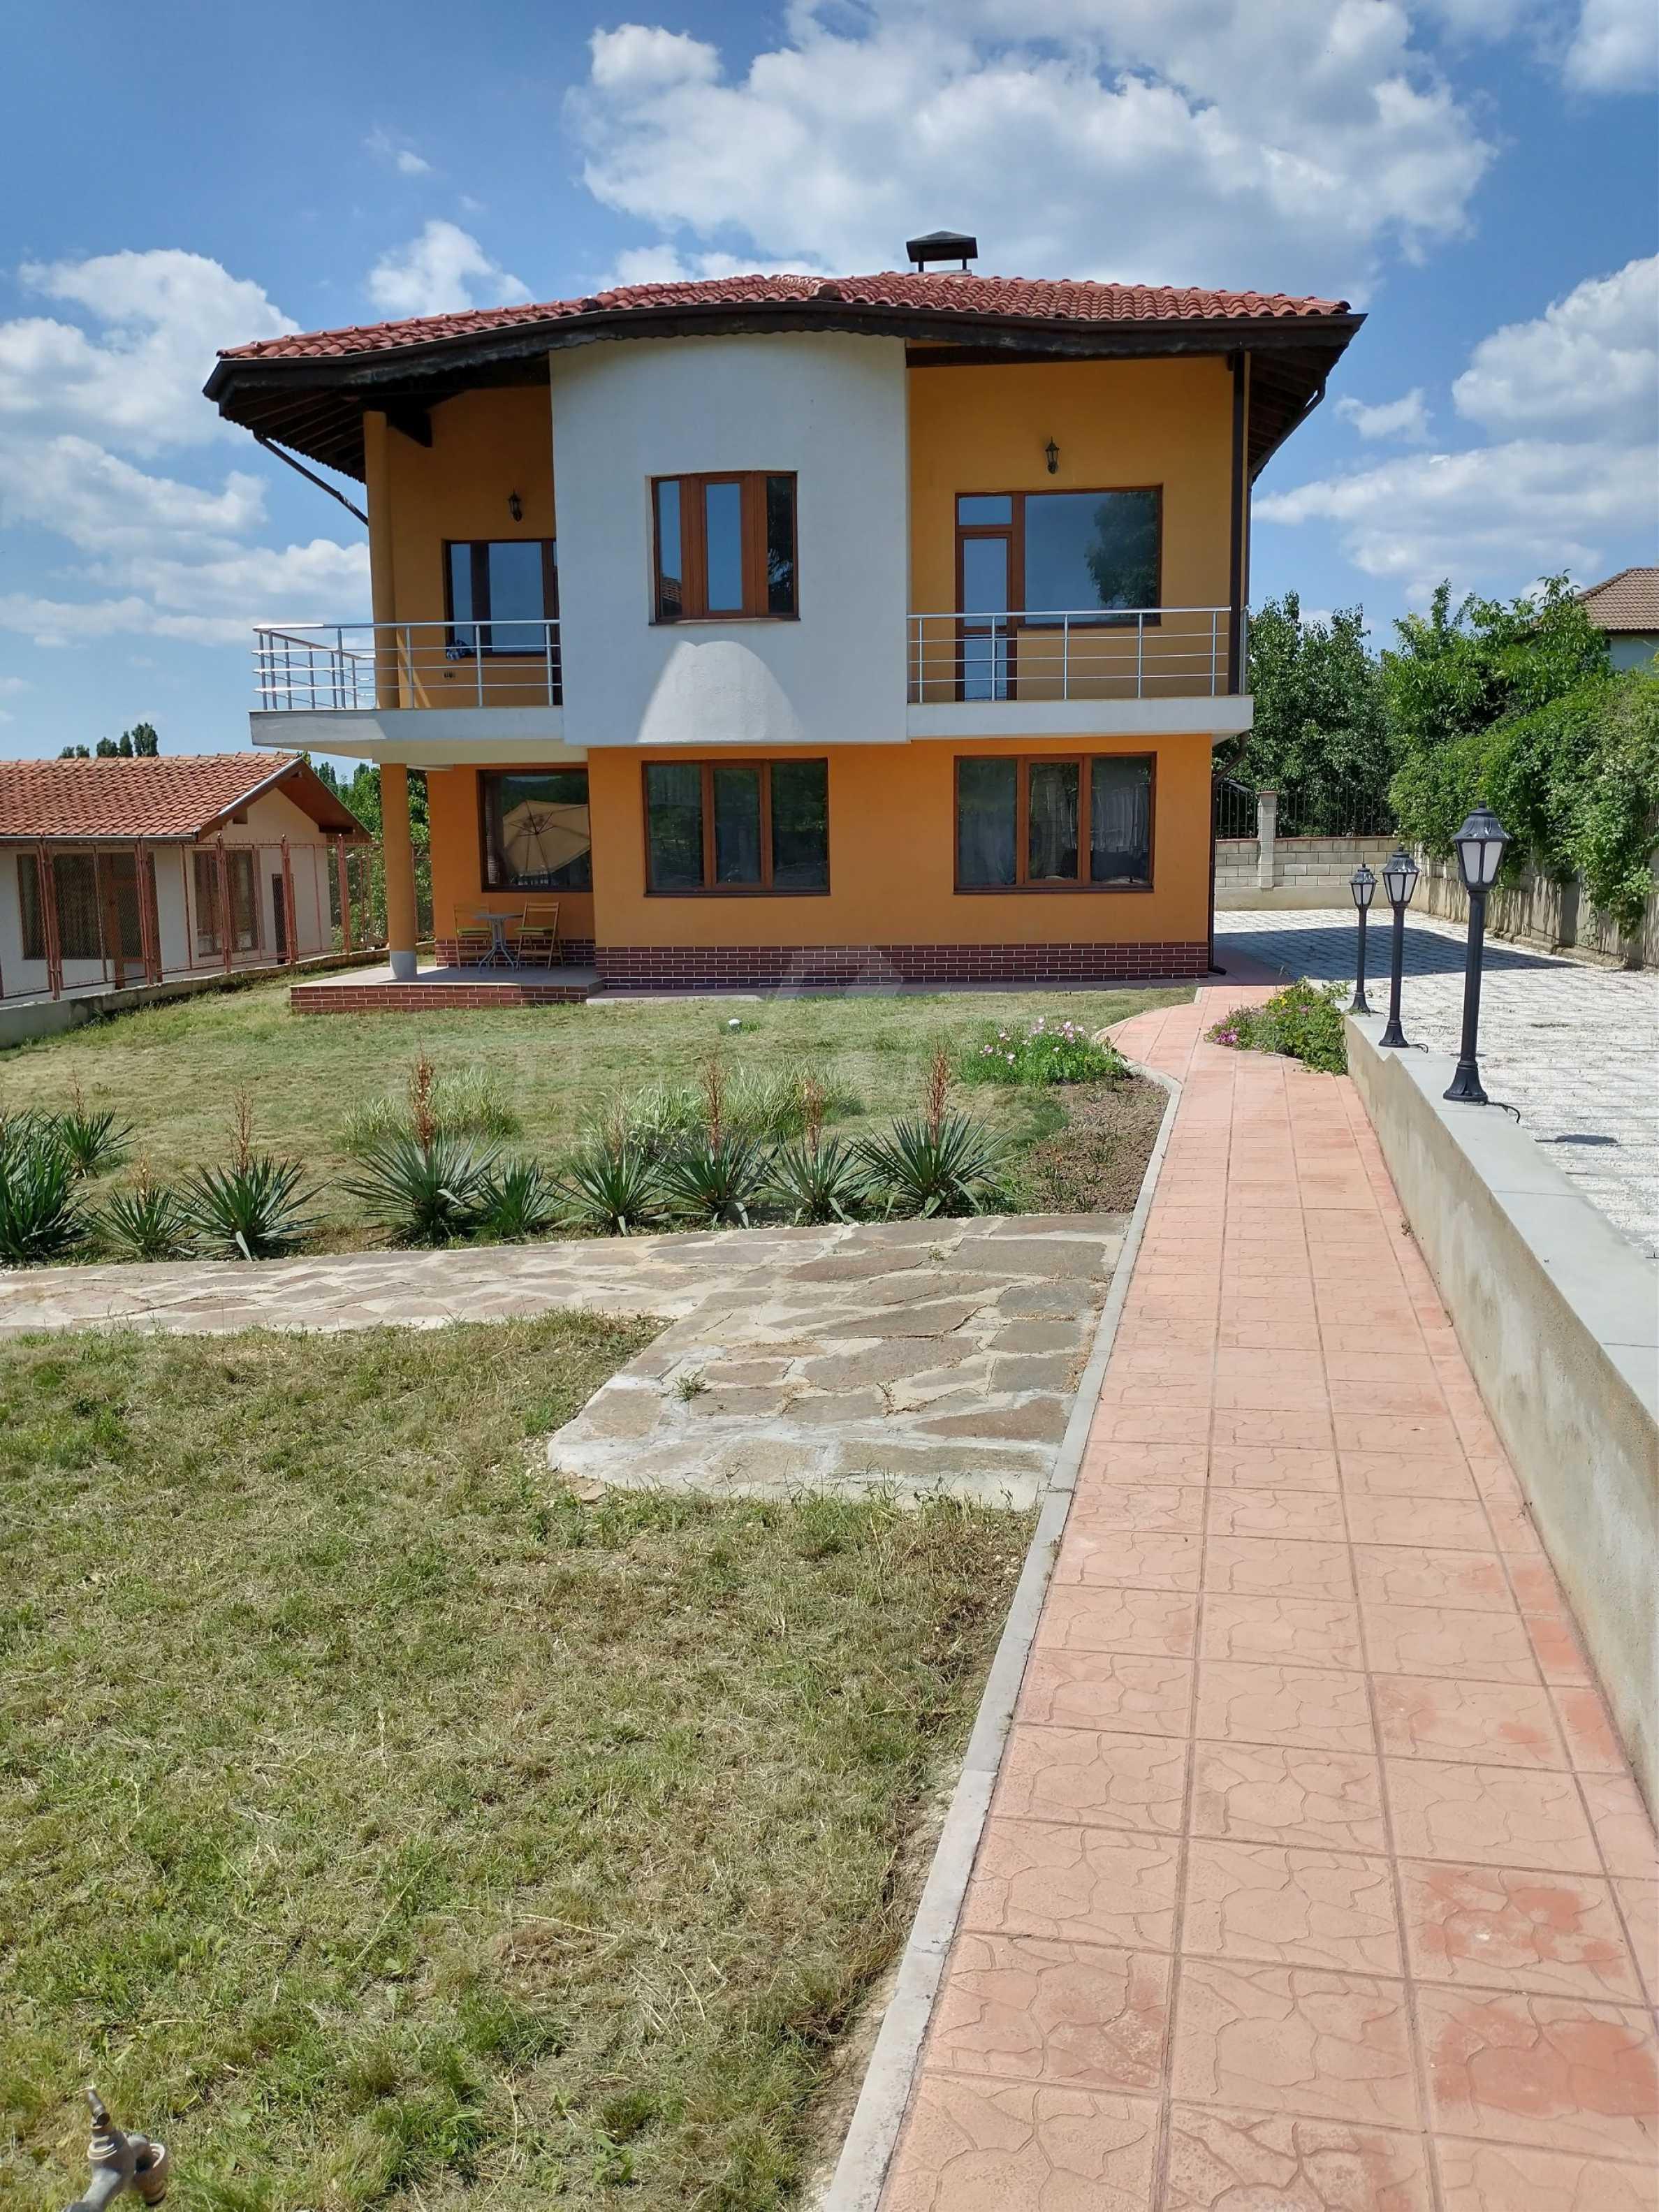 The Orange House 2